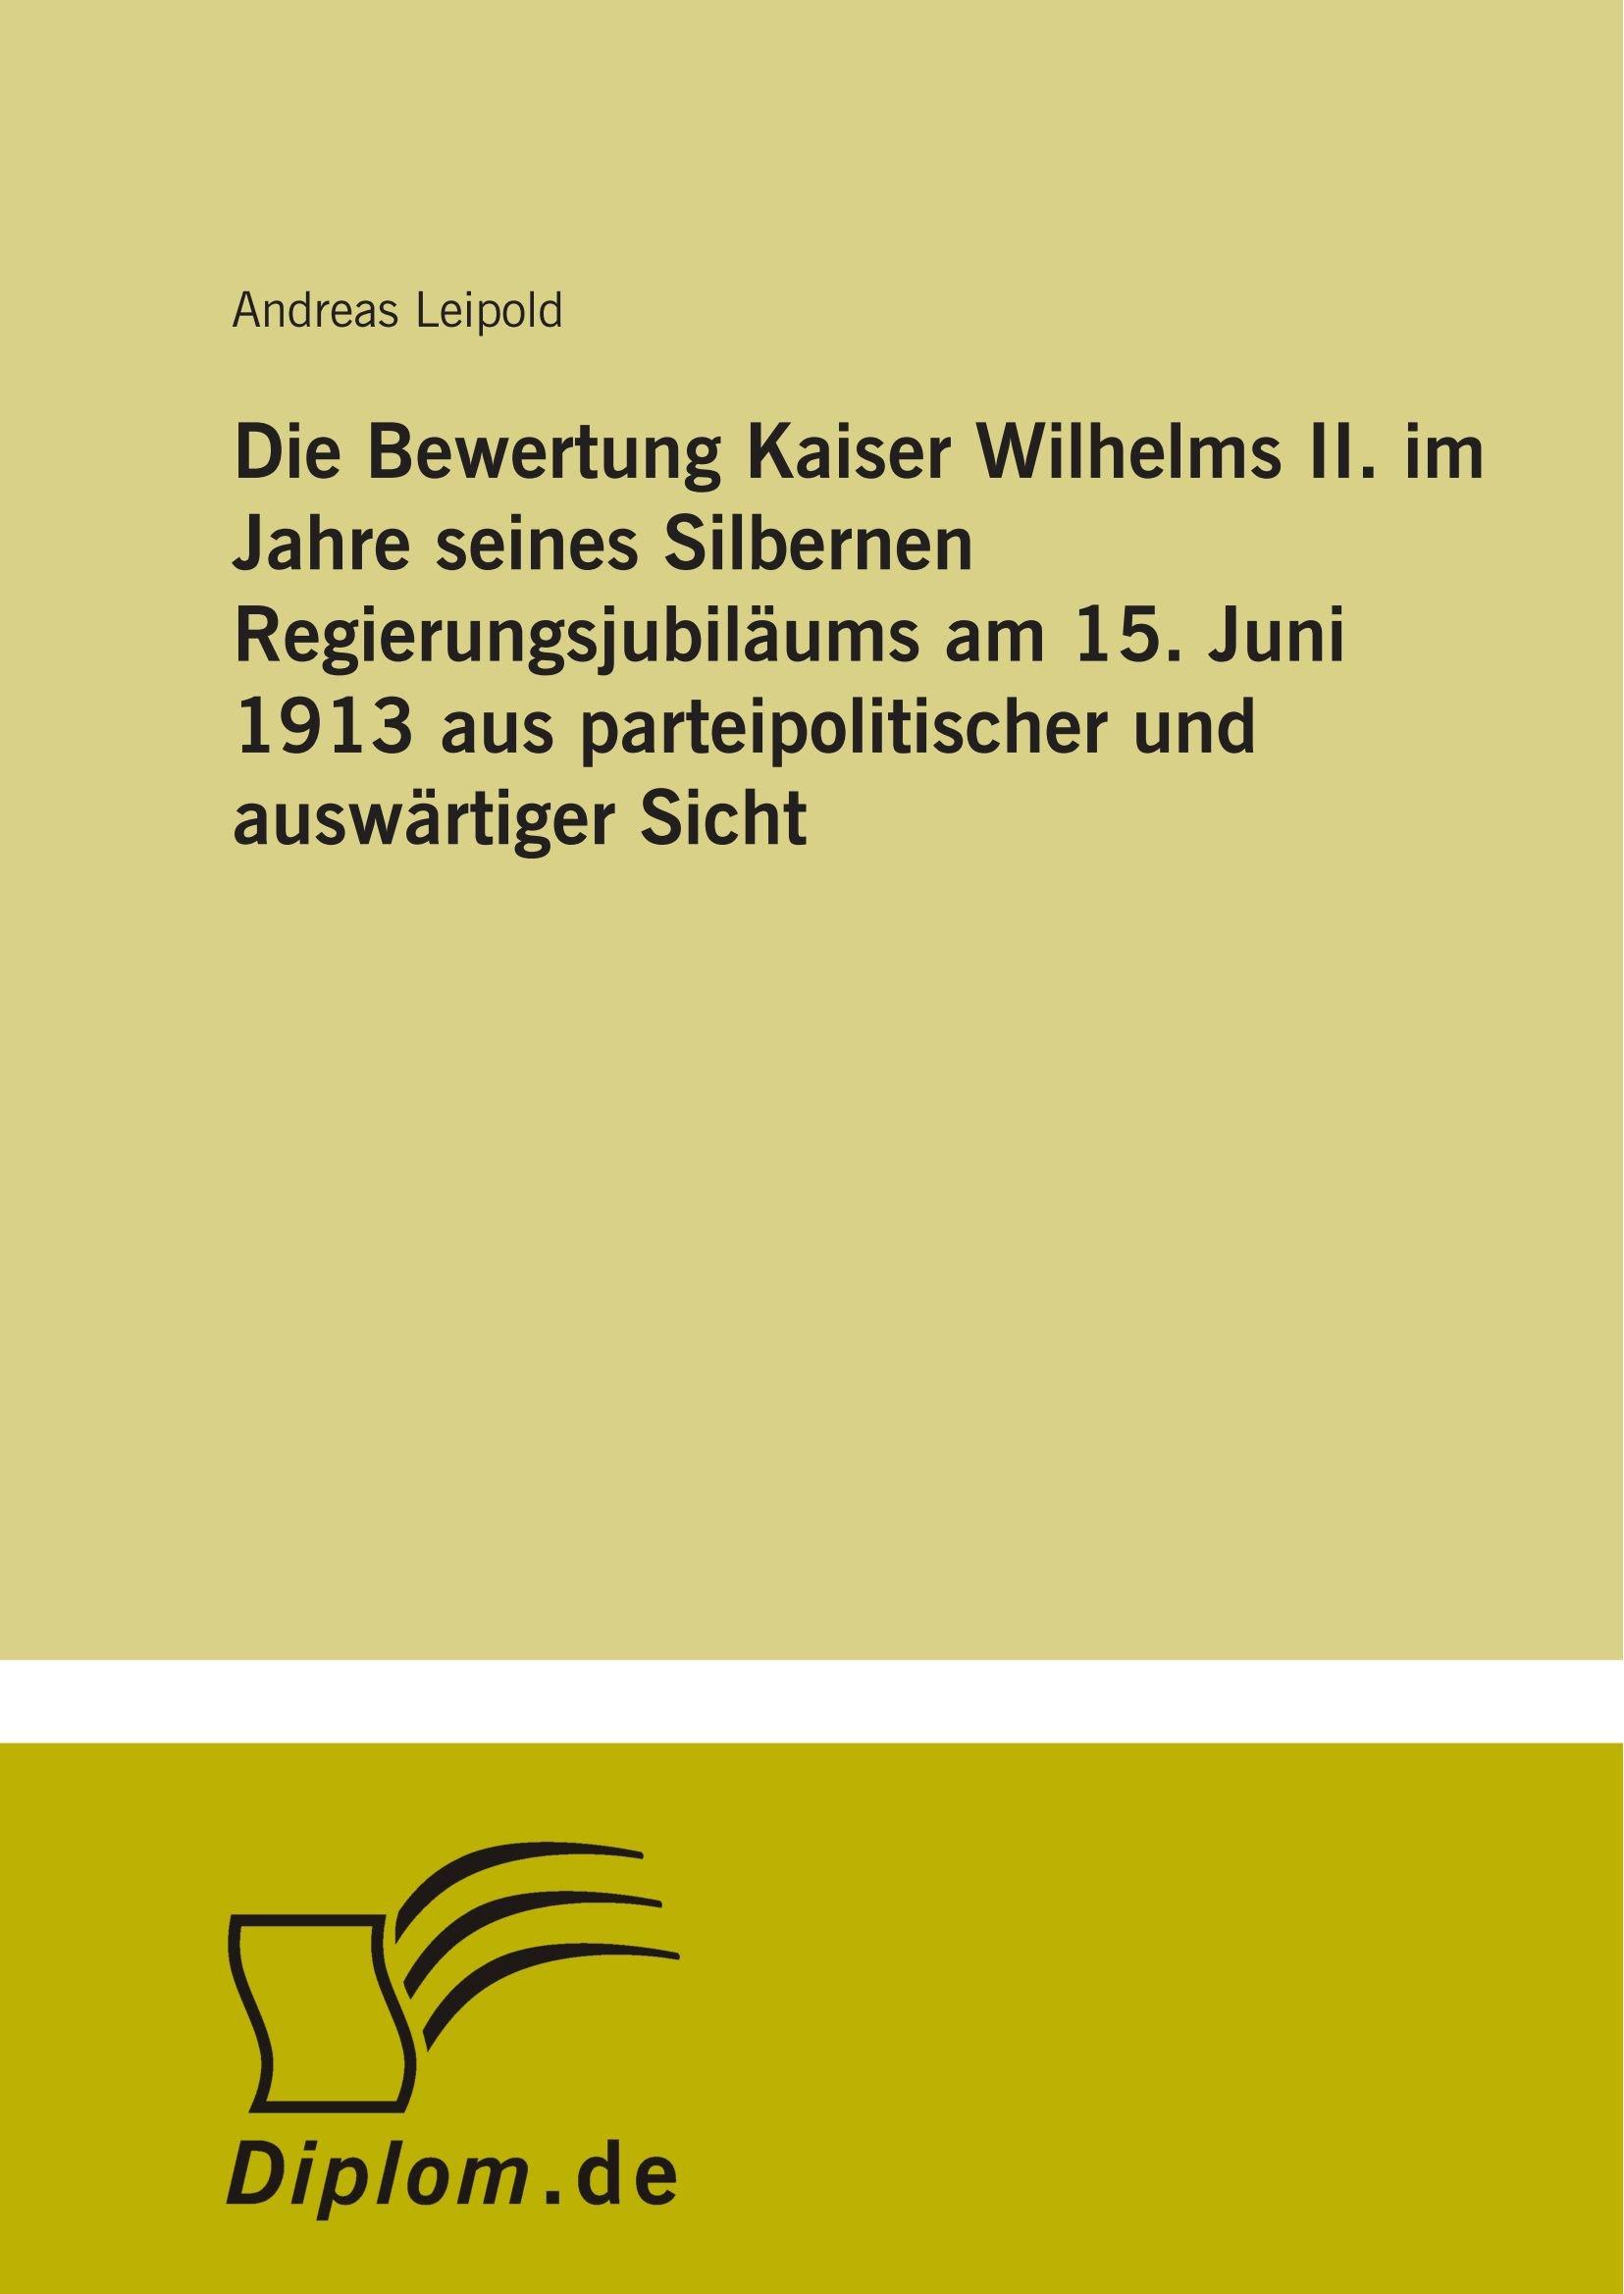 Die Bewertung Kaiser Wilhelms II. im Jahre seines Silbernen Regierungsjubiläums am 15. Juni 1913 aus parteipolitischer und auswärtiger Sicht (German Edition) ebook